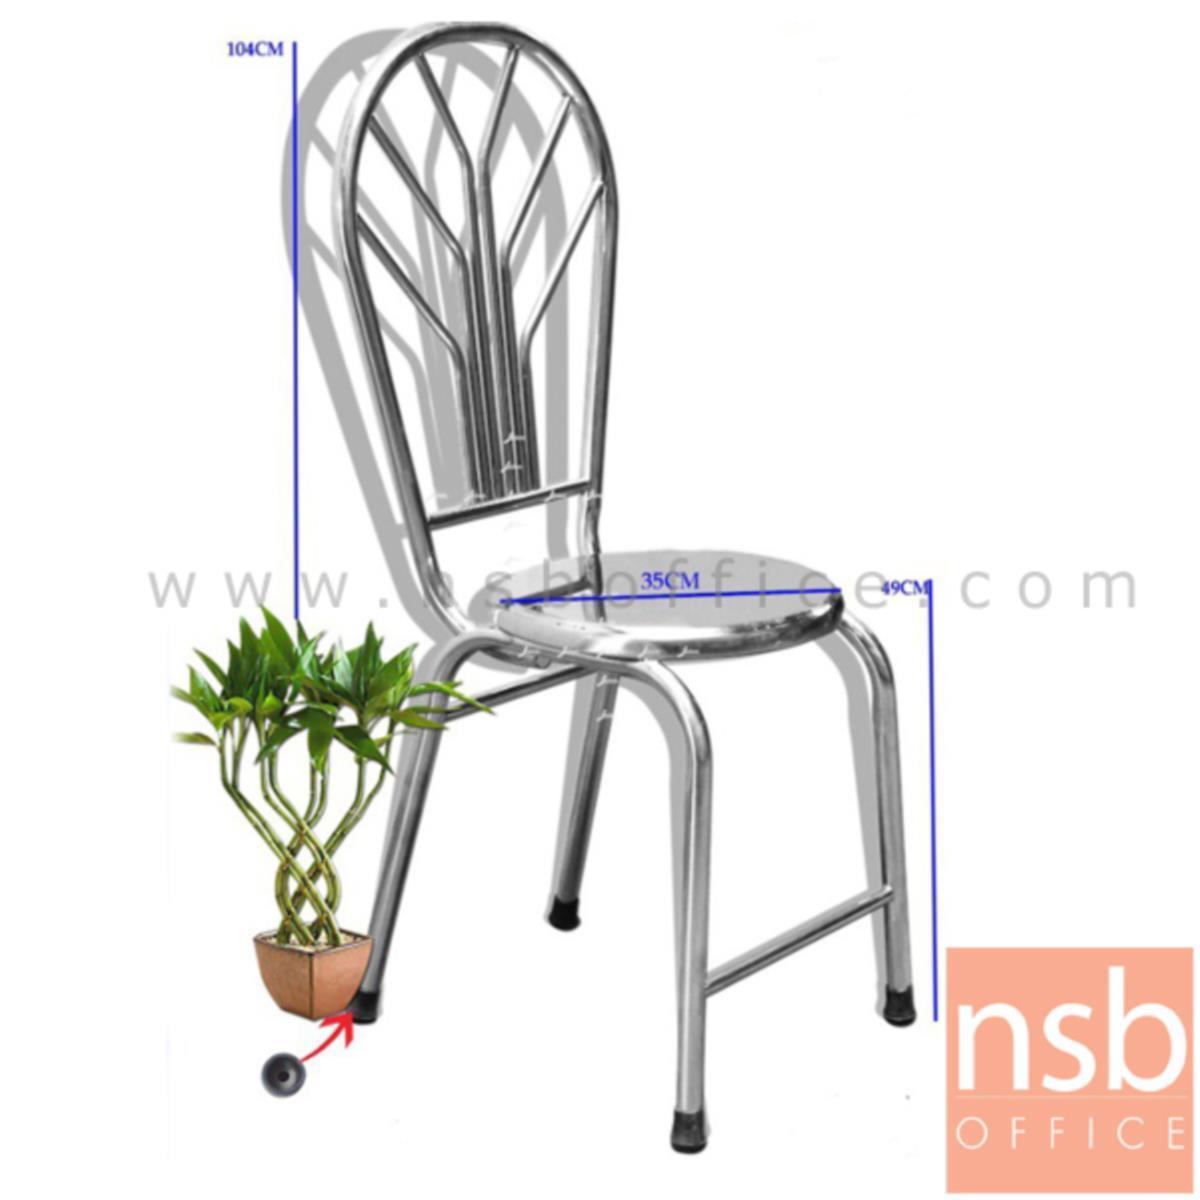 G12A260:เก้าอี้สแตนเลสมีพนักพิง ทรงต้นข้าว รุ่น Heidern (ไฮเดิร์น)  (พับเก็บไม่ได้)